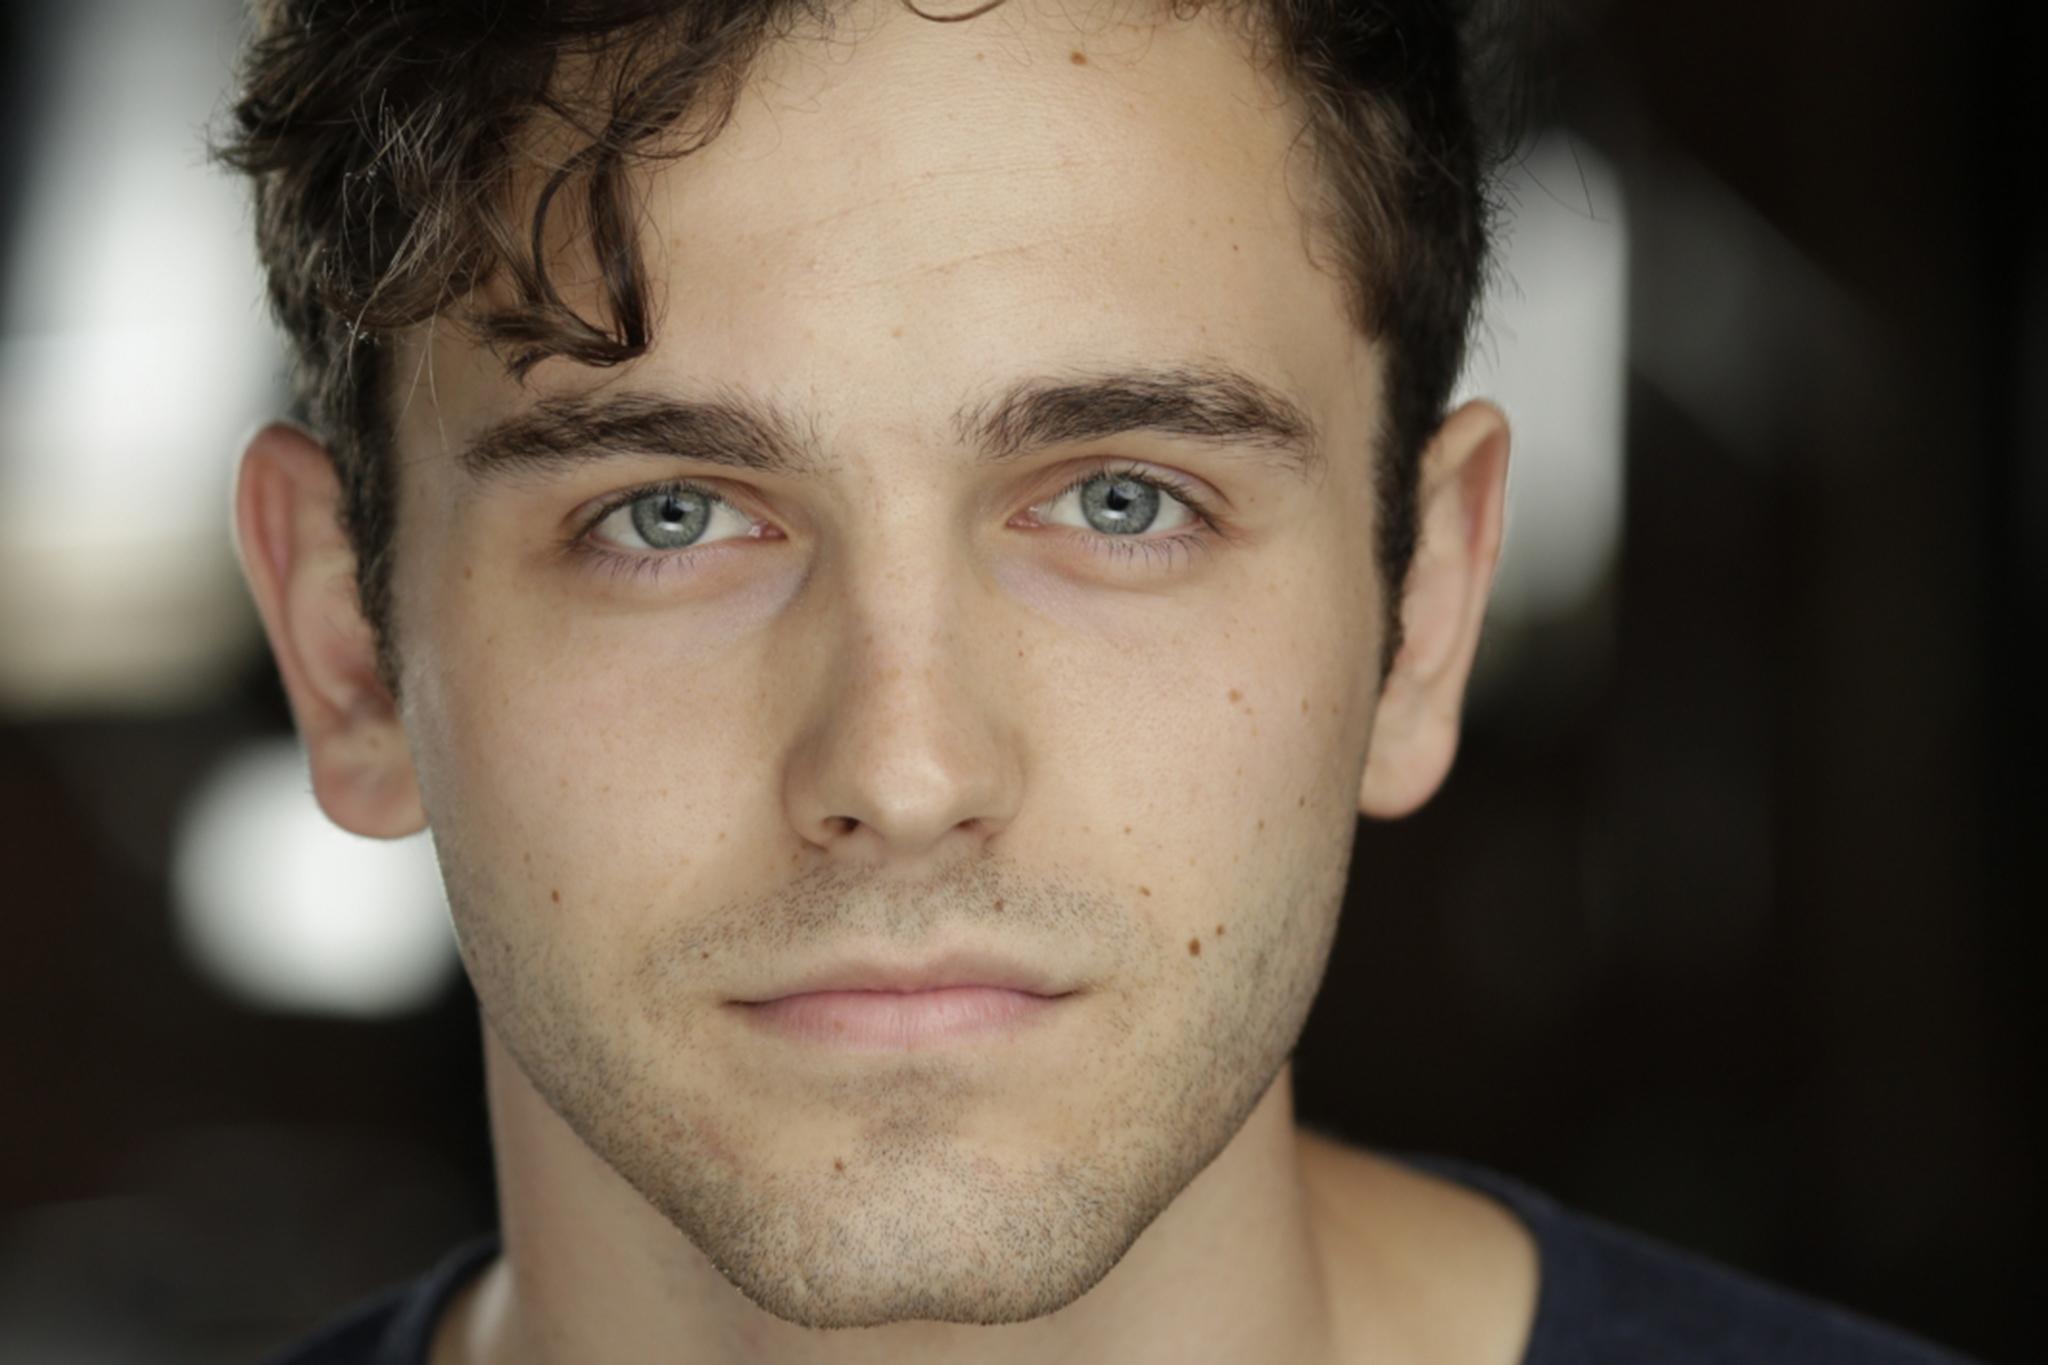 Aaron Latterell